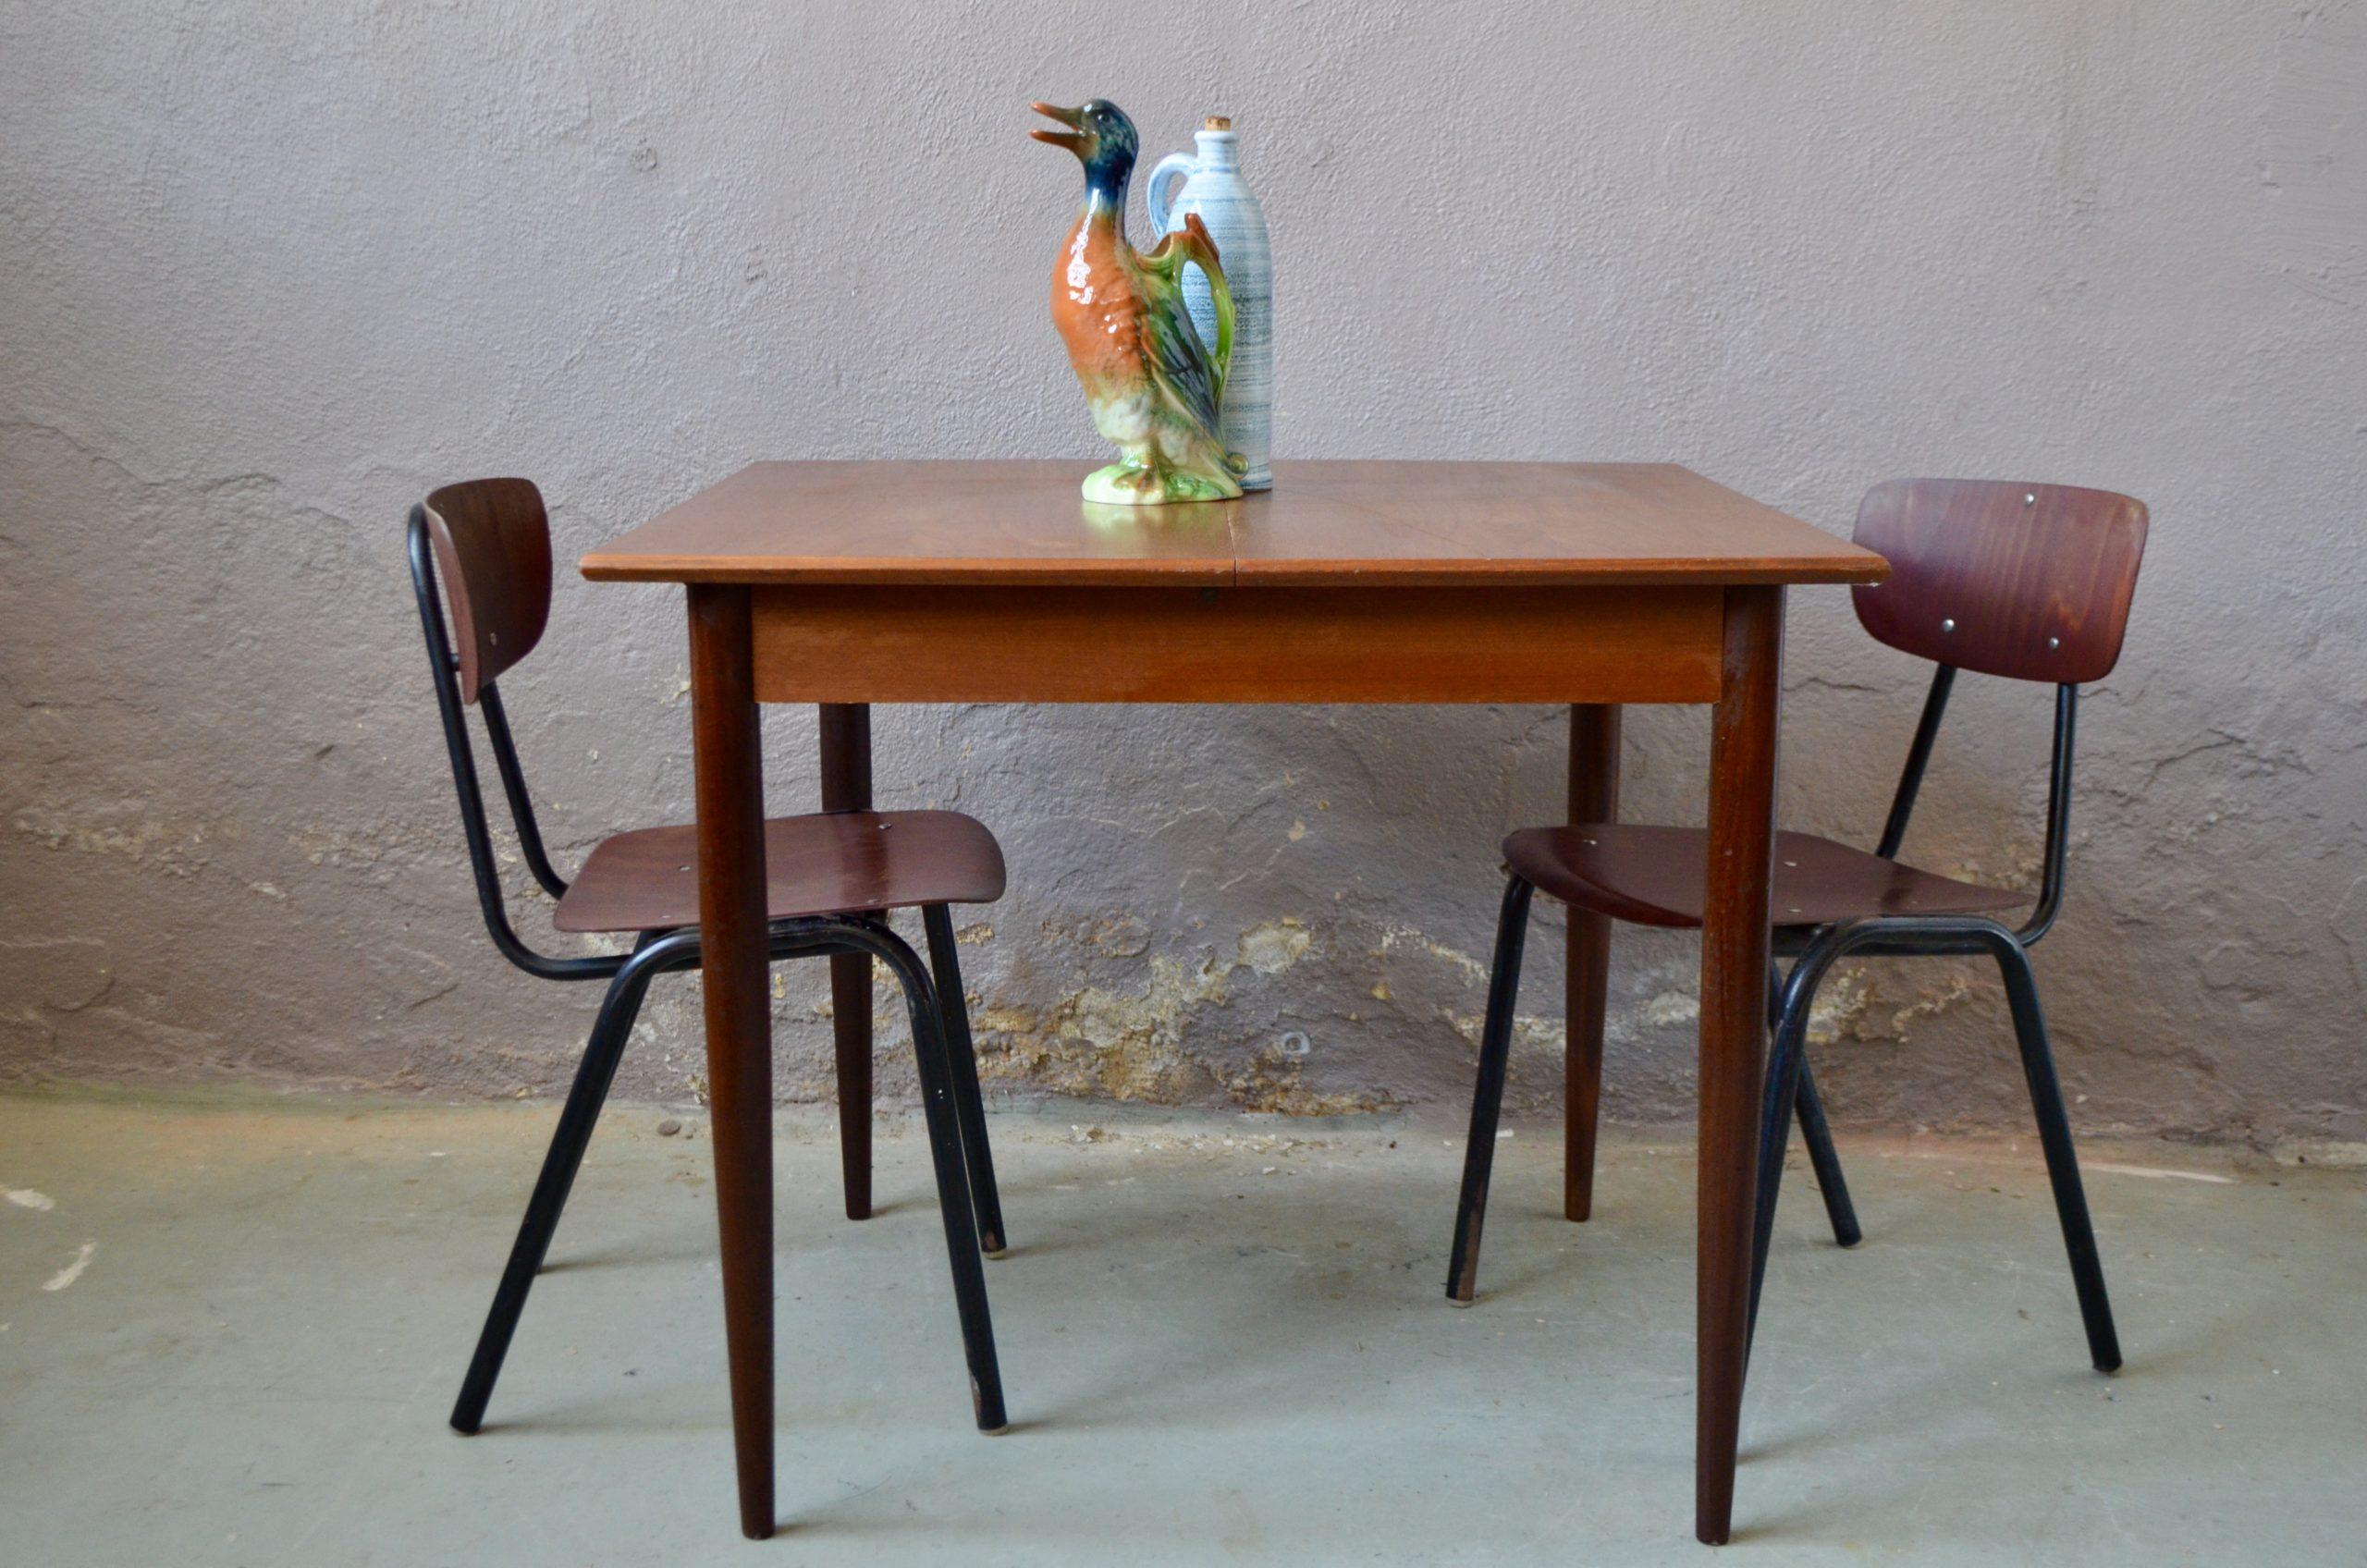 Table à repas en teck design vintage scandinave rallonges intégrées